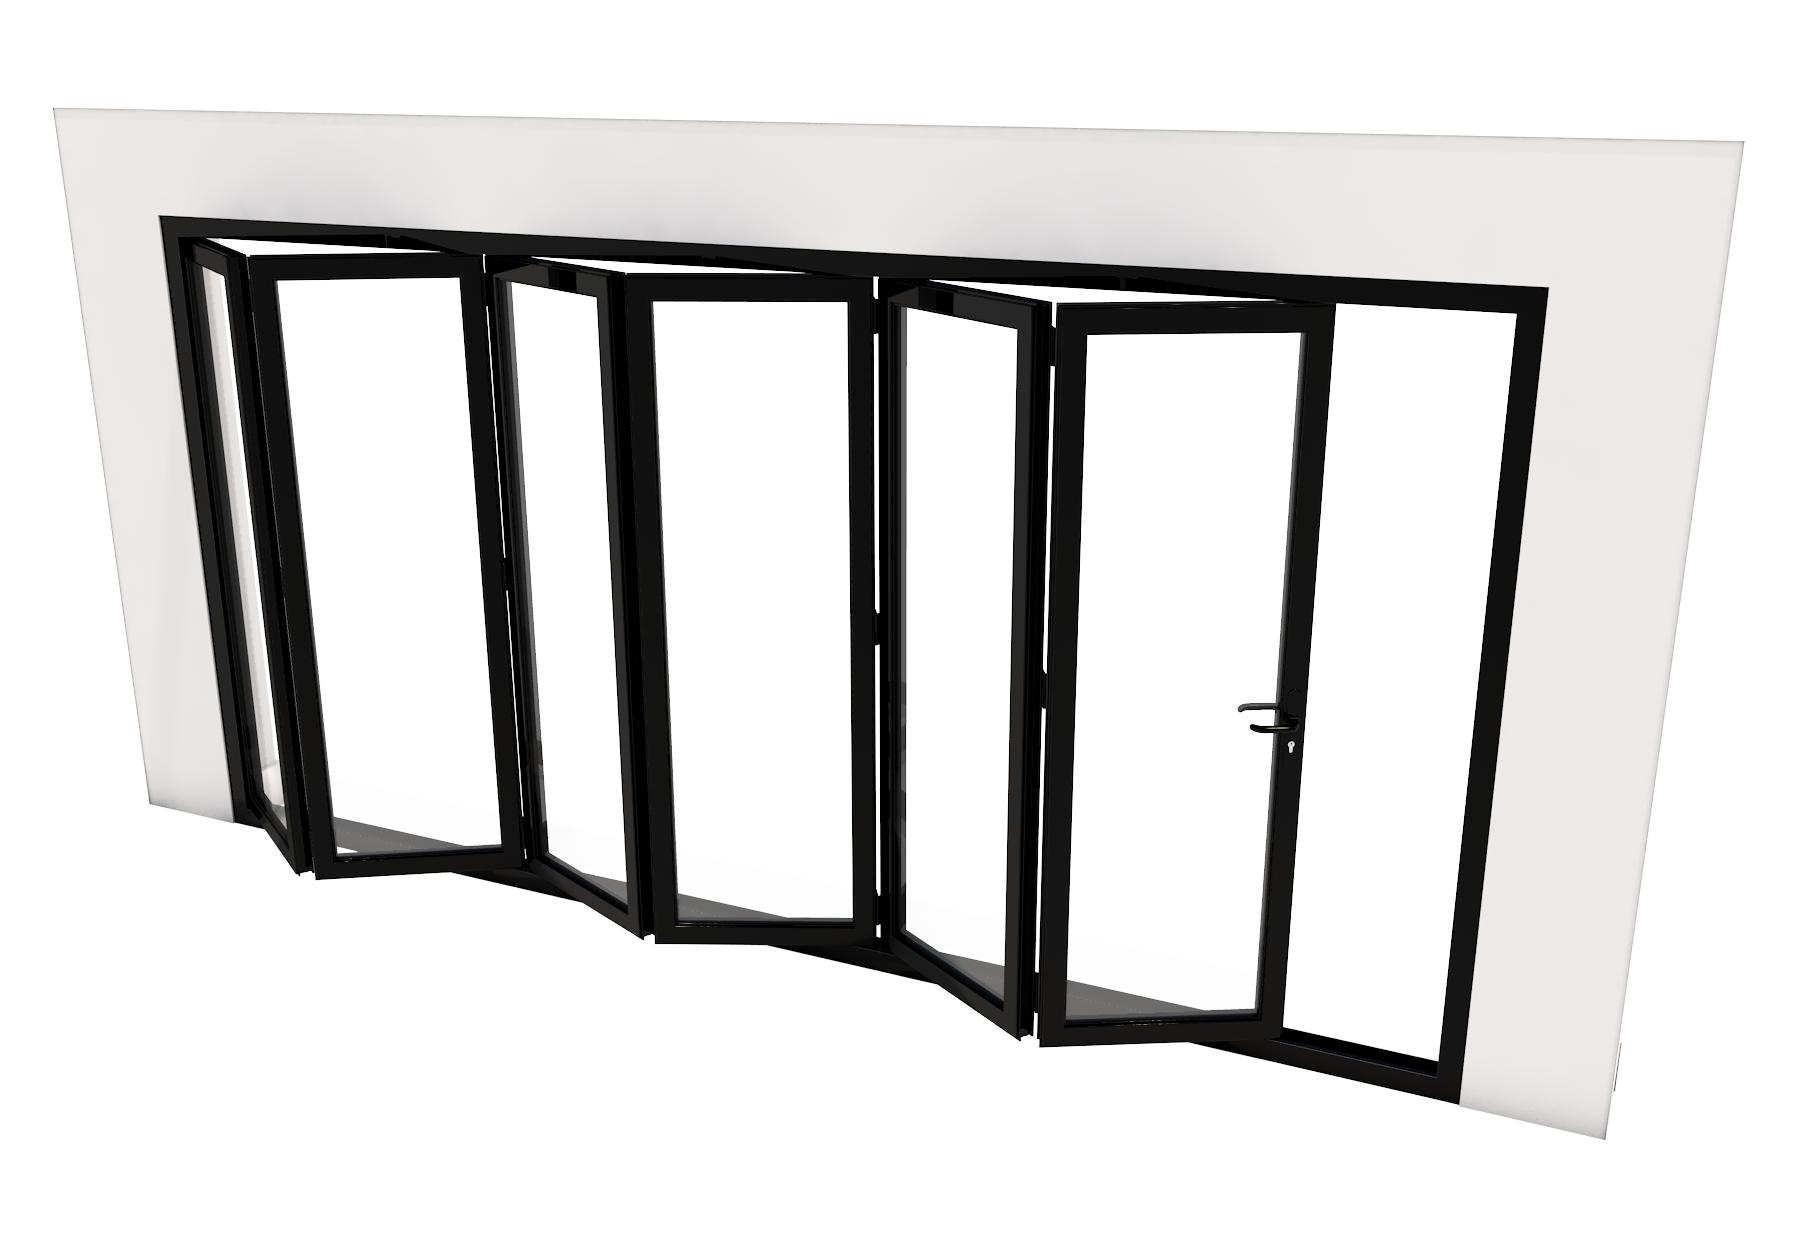 Bi-Fold Door - 6 panes - 5000 x 2100 mm